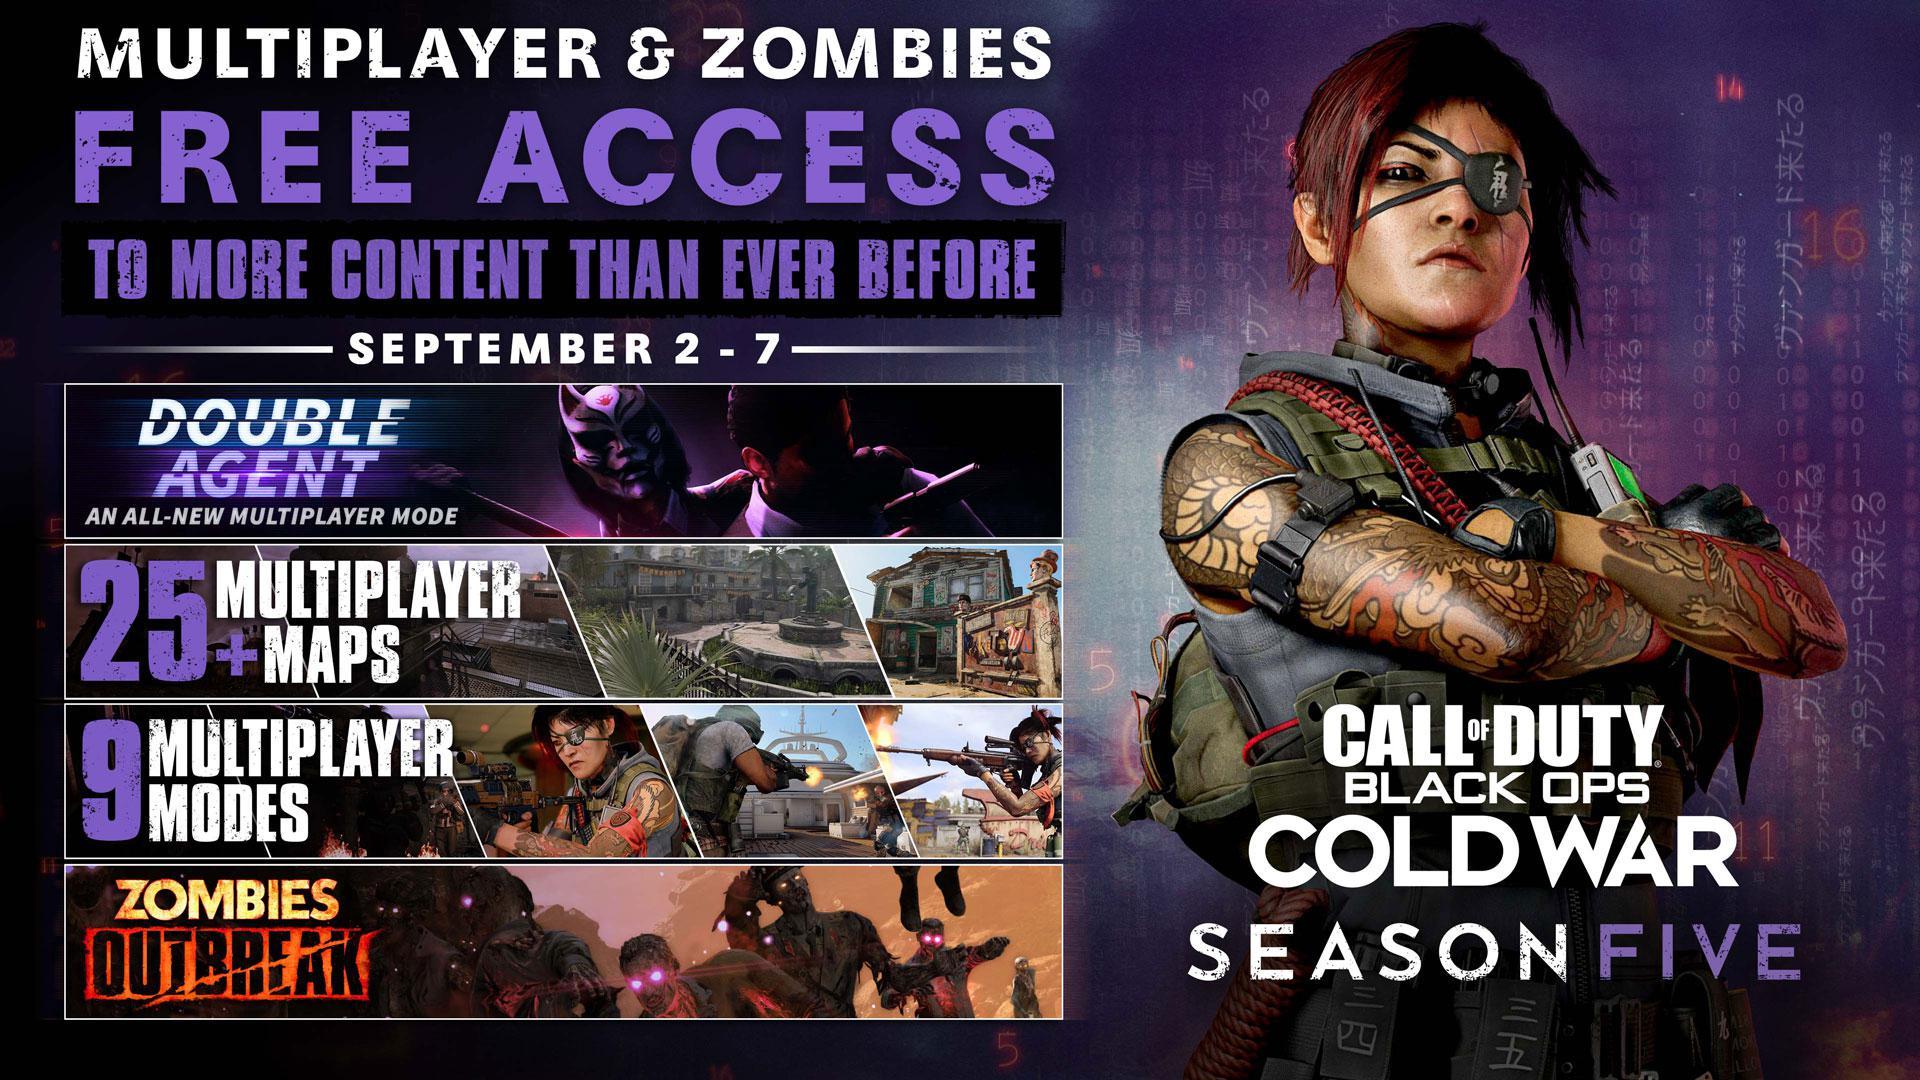 COD好訊息:《決勝時刻17》免費試玩週末及《戰區》新封禁潮開啟